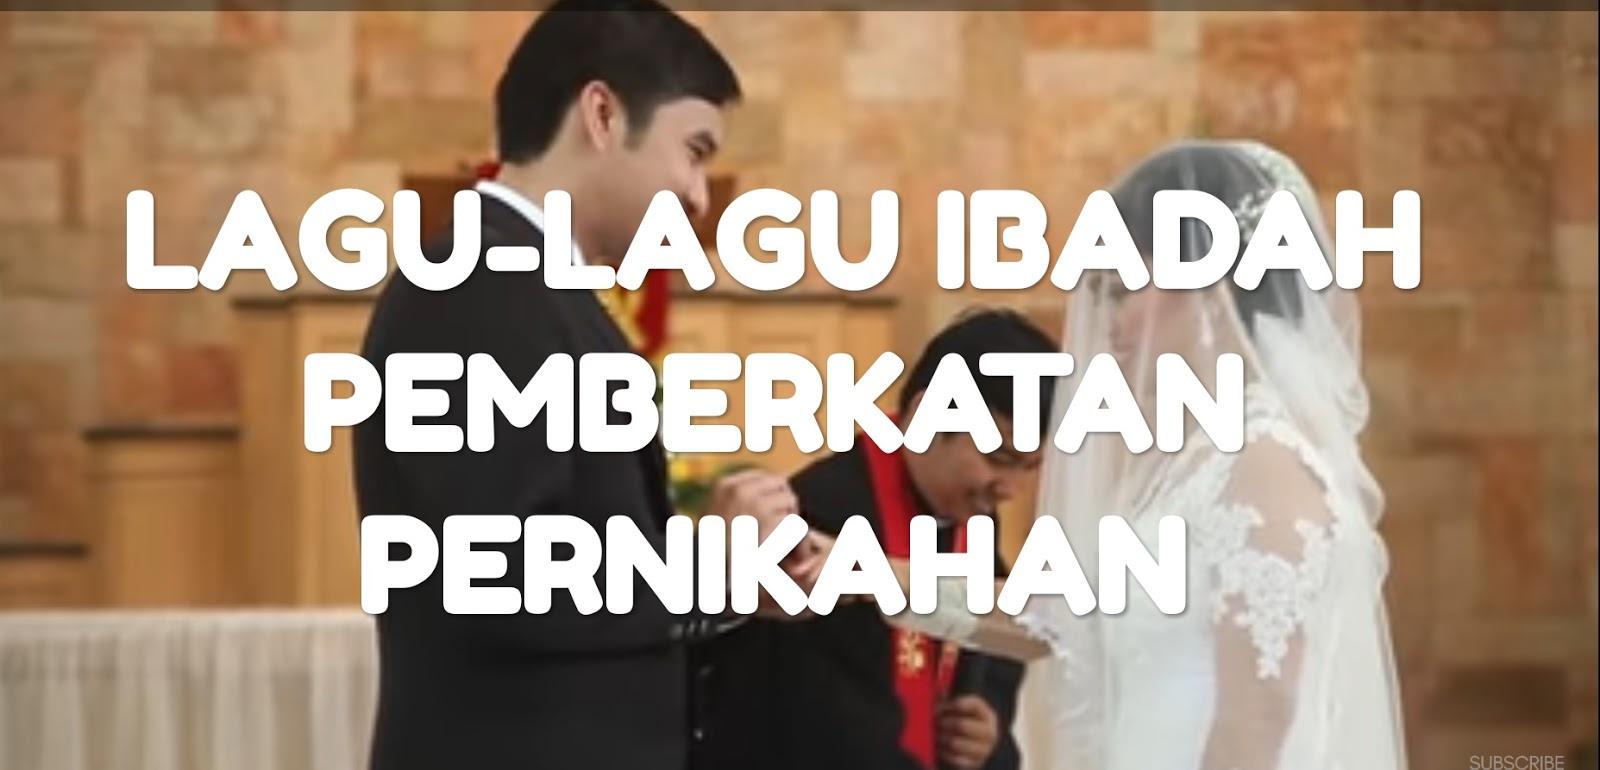 Kumpulan Lagu Lagu Ibadah Pemberkatan Nikah Hidup Kristen - Perkawinan Kristen, Pin Oleh Pramod Gupta Di Happy Anniversary Perkawinan Kristen Kartu Perkawinan